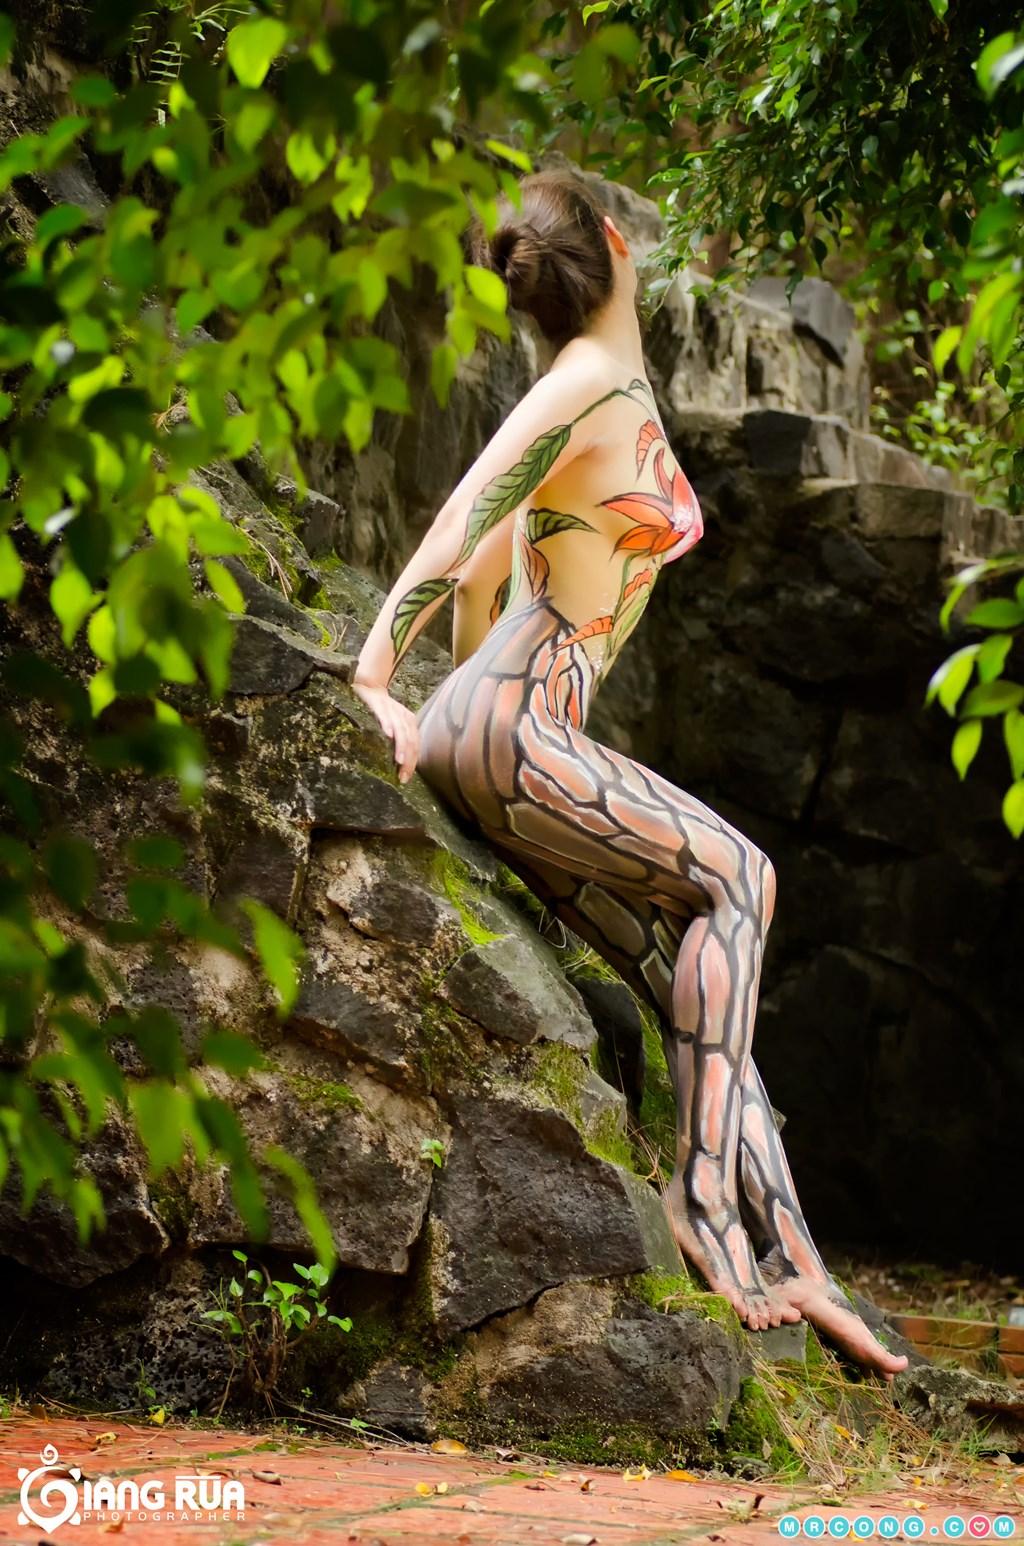 Bộ ảnh body art đầy gợi cảm của nhiếp ảnh gia Giang Rùa (17 ảnh)